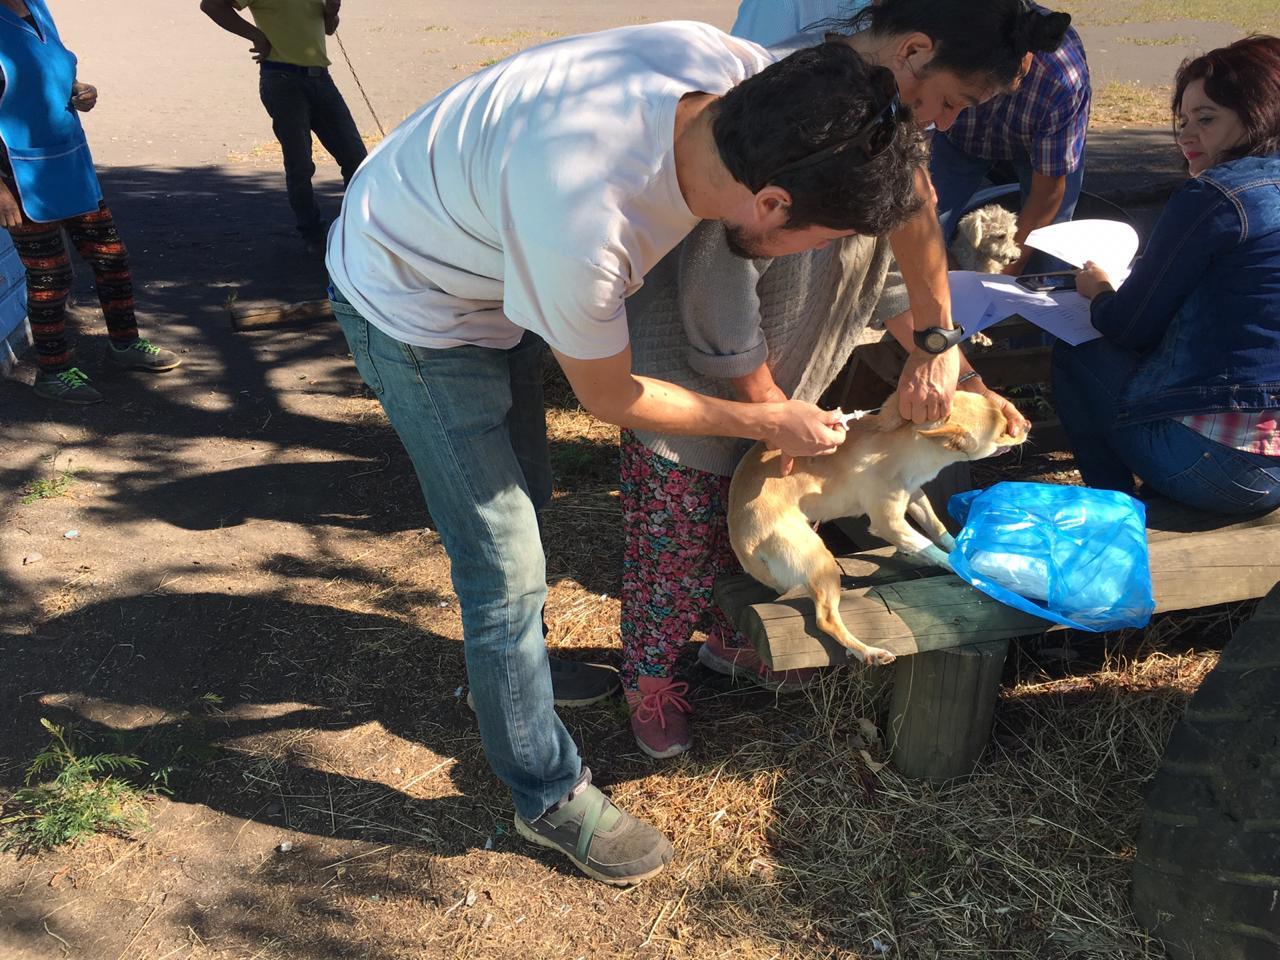 Autogestión y coordinación entre juntas de vecinos y el municipio  ha permitido implantación de microchips a más de 500 mascotas